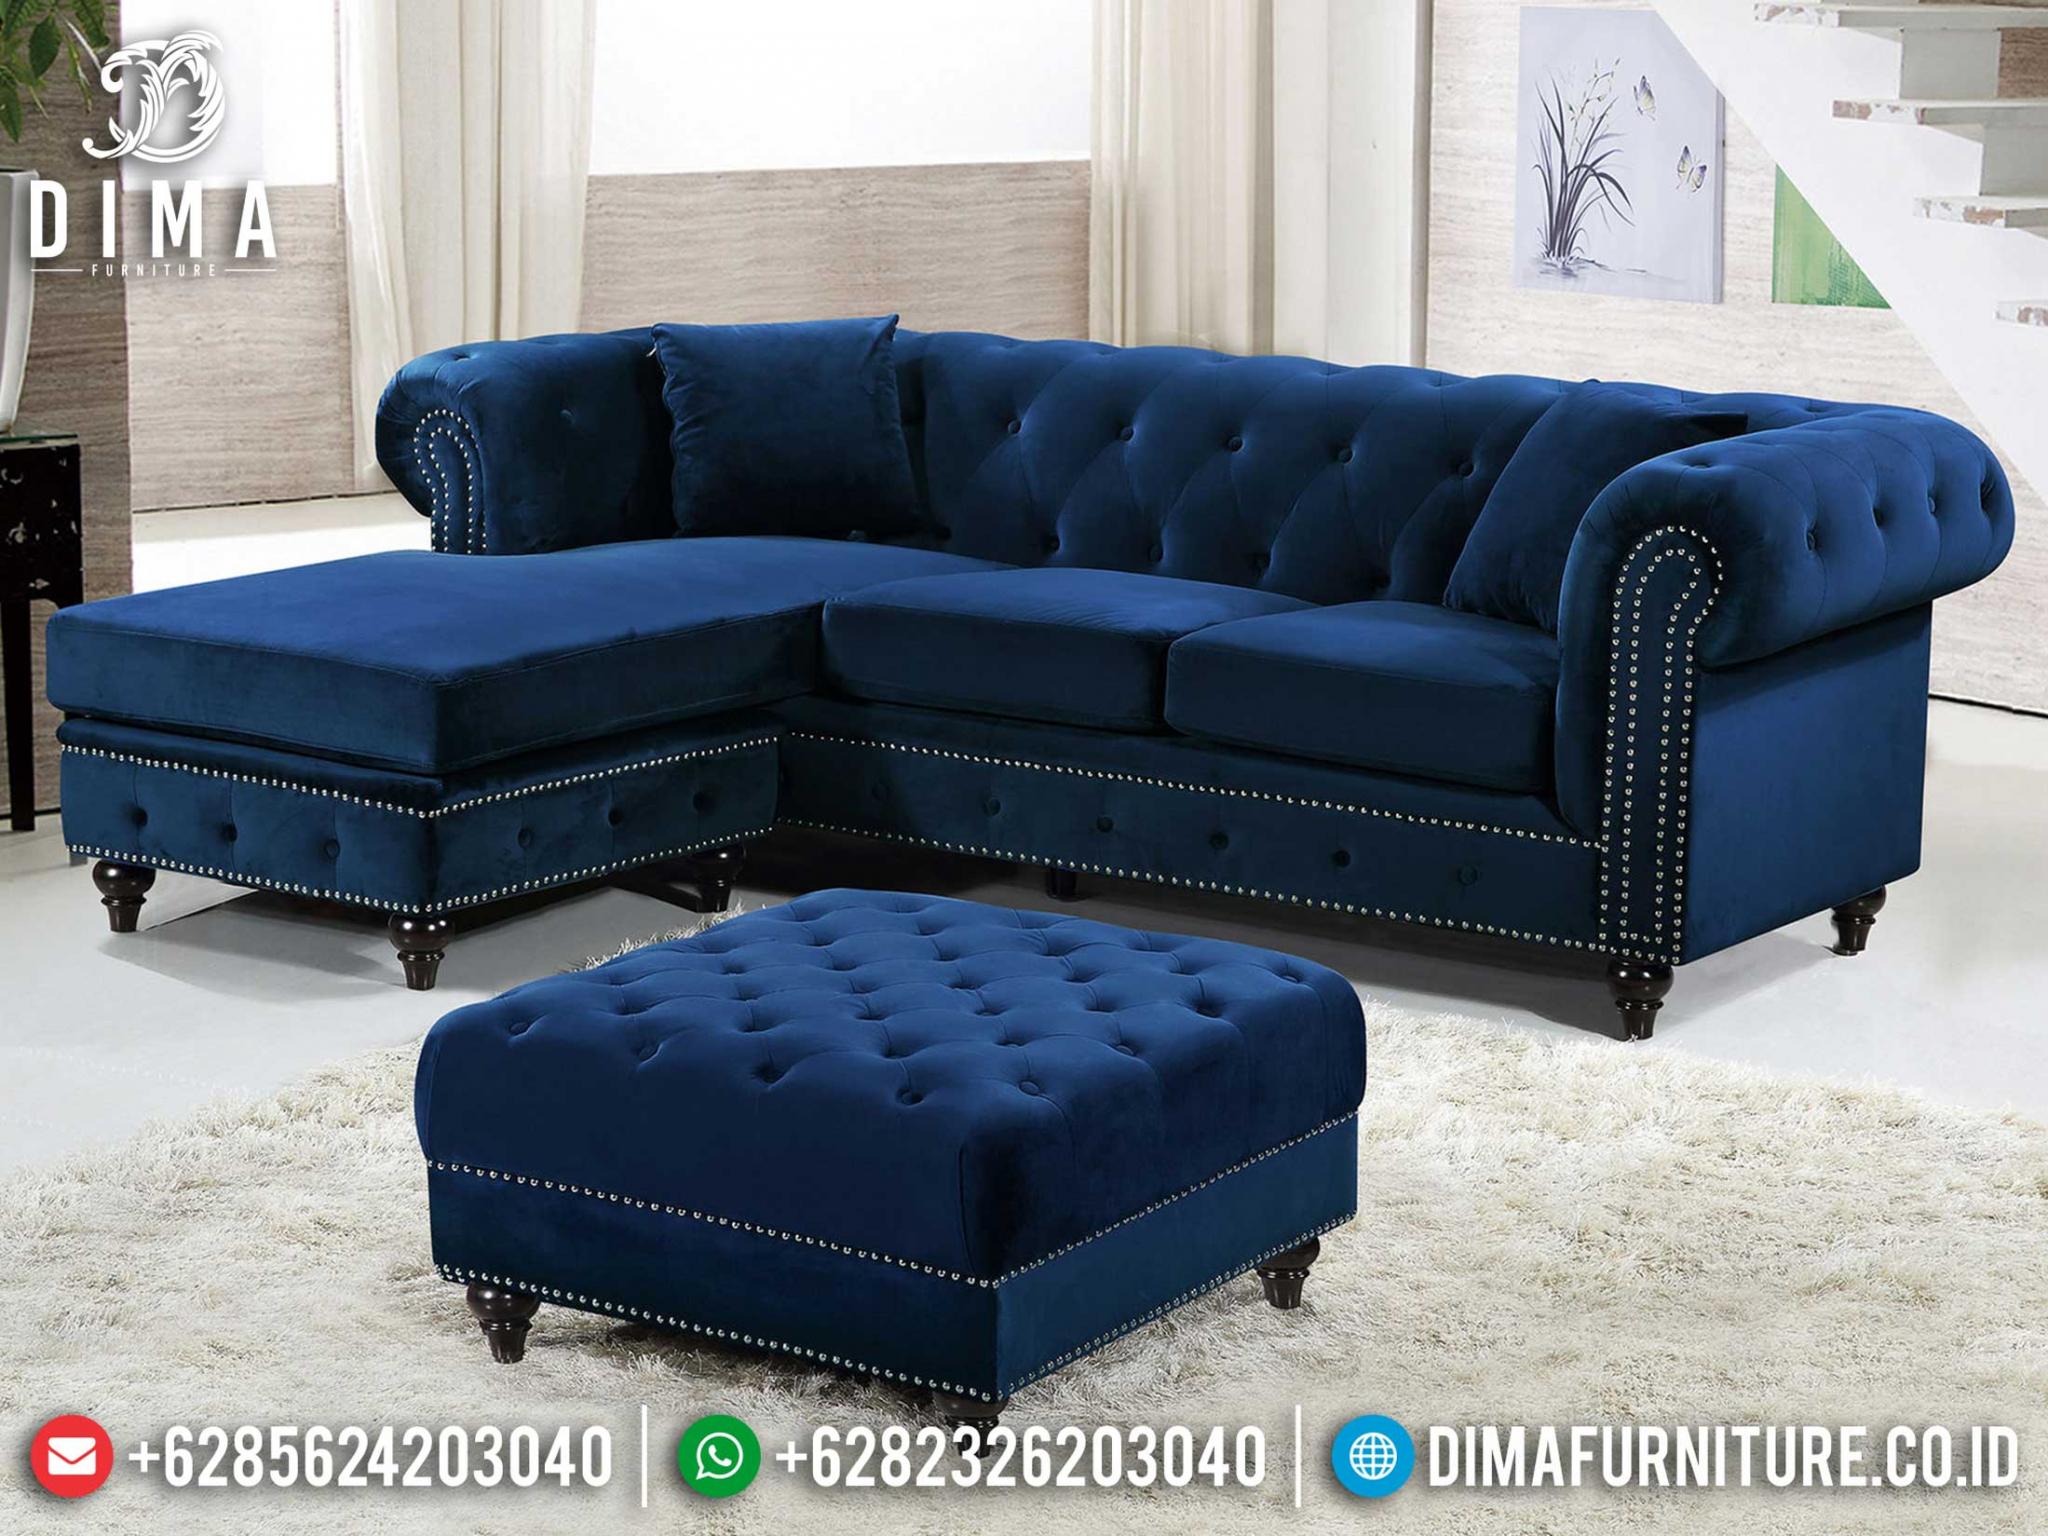 Sale Sofa Tamu Minimalis Sudut L Terbaru Salman DF-1420